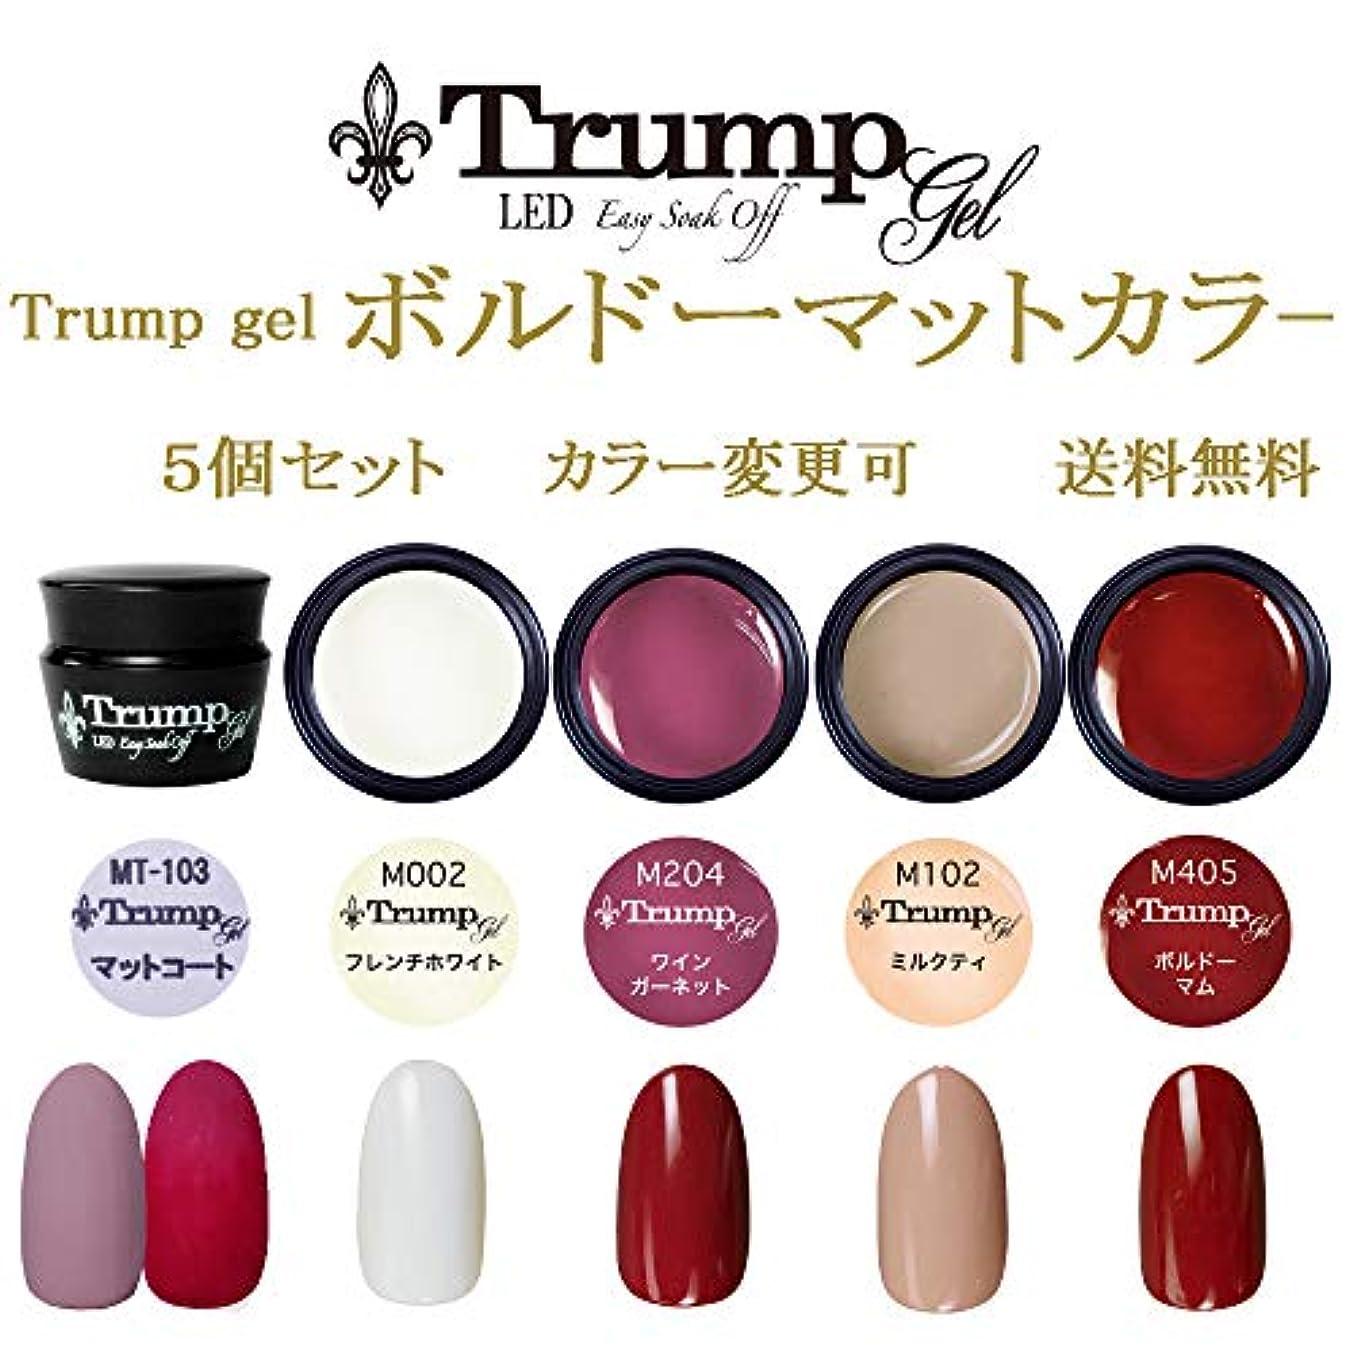 恵み慈悲深い教日本製 Trump gel トランプジェル ボルドー マット カラー 選べる カラージェル 5個セット マットコート ホワイト ワイン レッド ベージュ